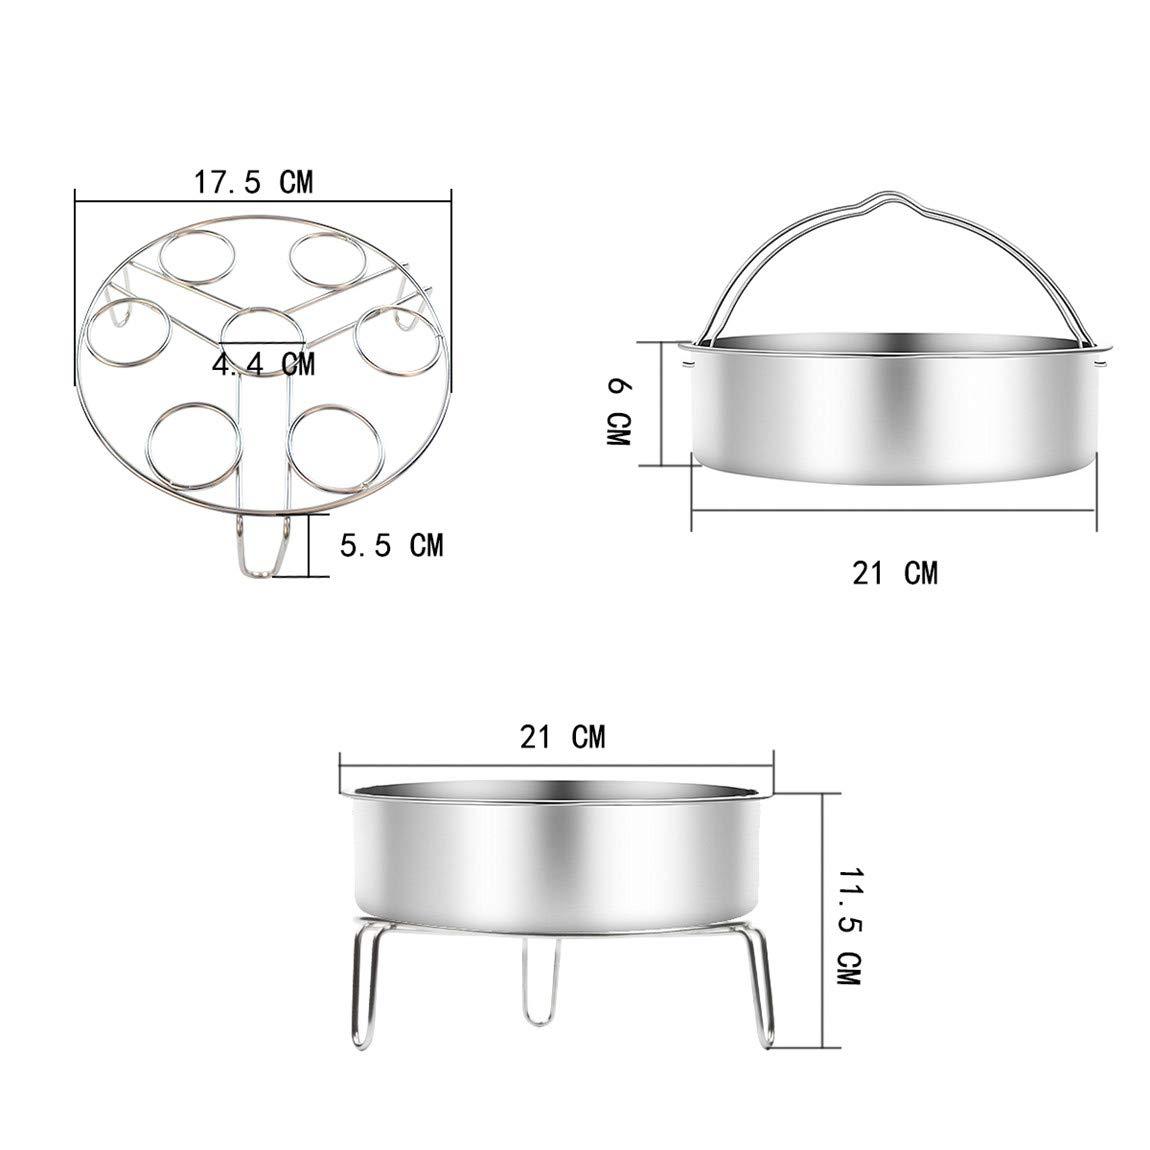 inoxydable porte-oeufs grille /à vapeur accessoires pour 5//6//8qt 5//6Litre autocuiseurs pot instantan/é 21CM Vindar panier cuit vapeur